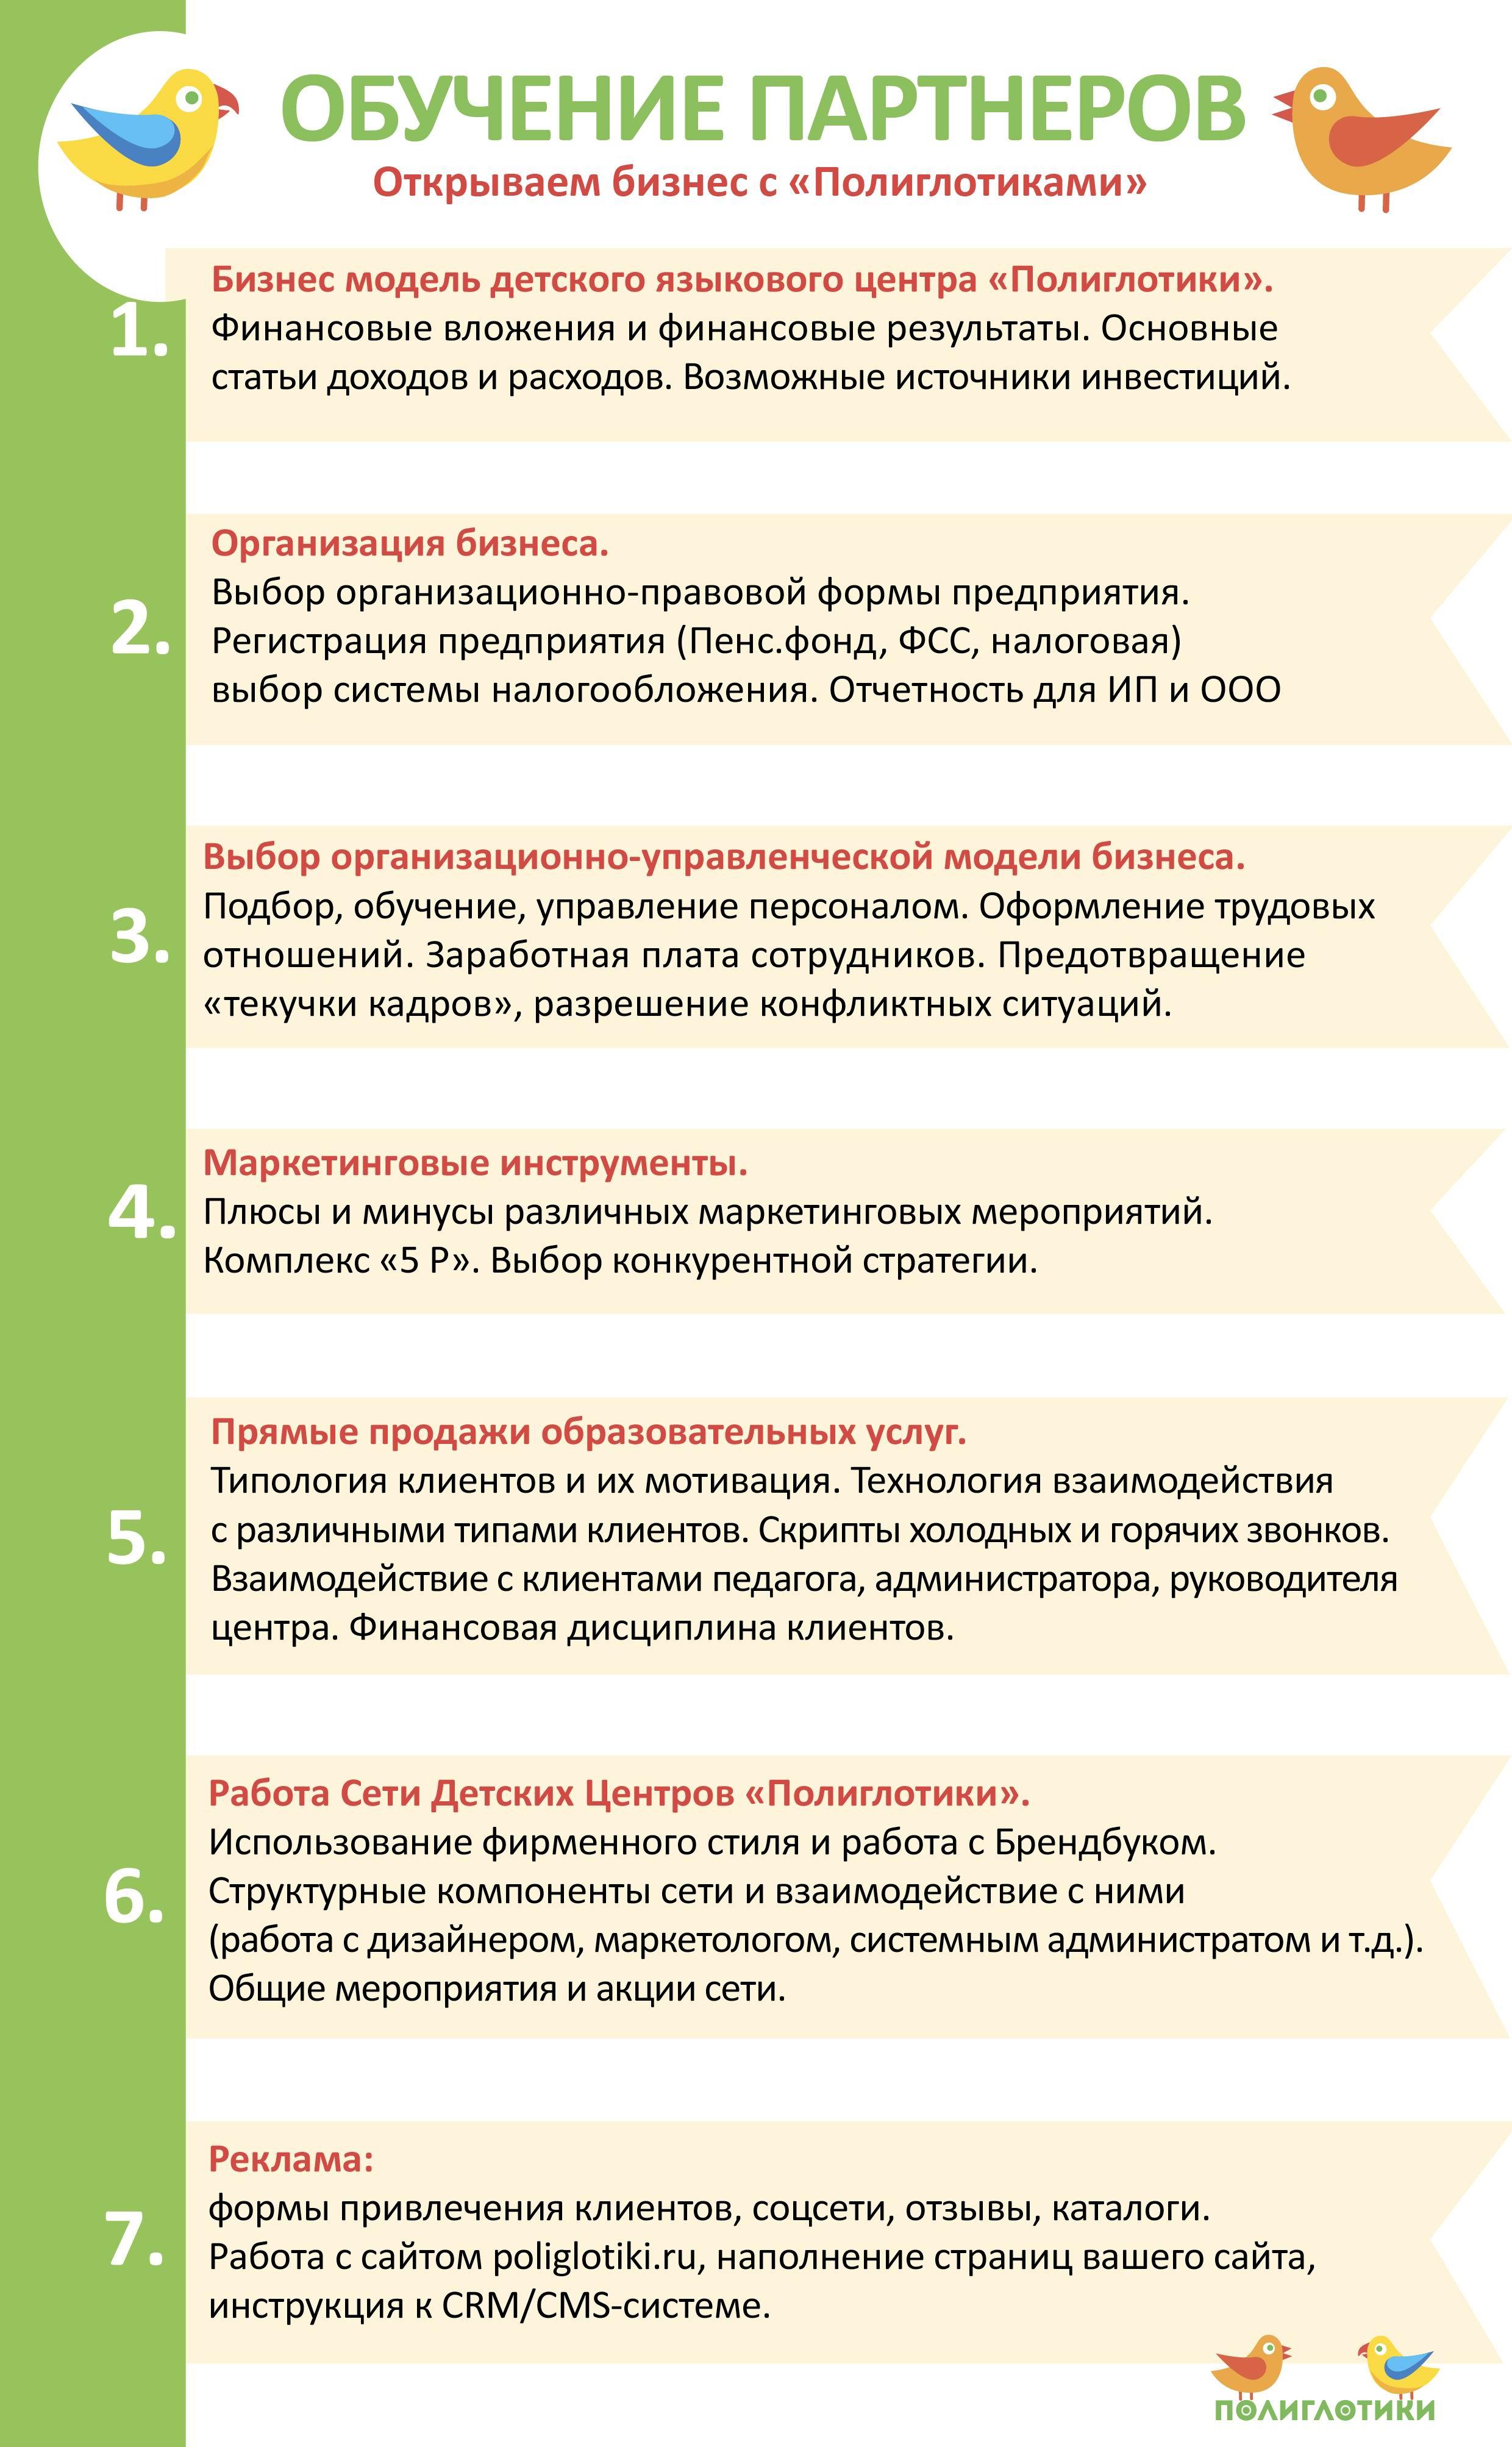 40 уроков казахского языка скачать бесплатно pdf